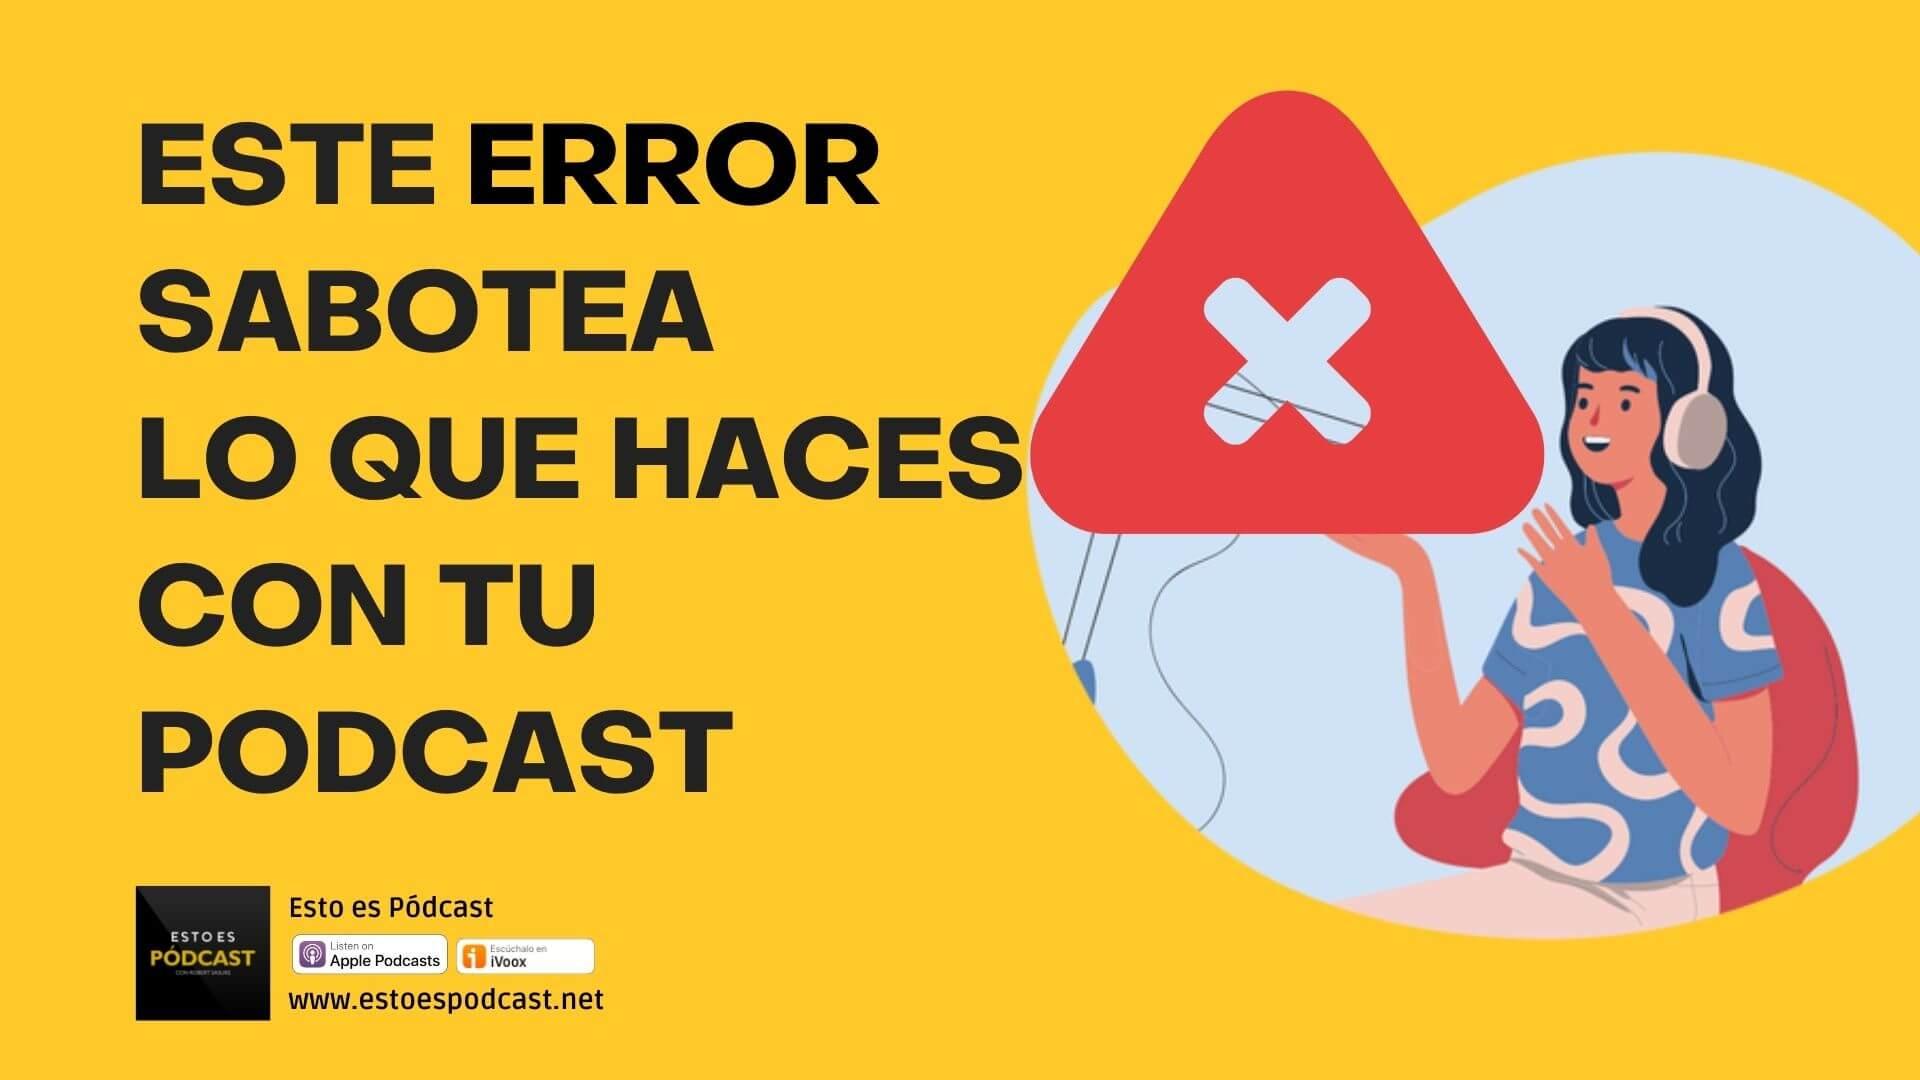 160. El Error que Sabotea el Posicionamiento de tu Podcast y su solución